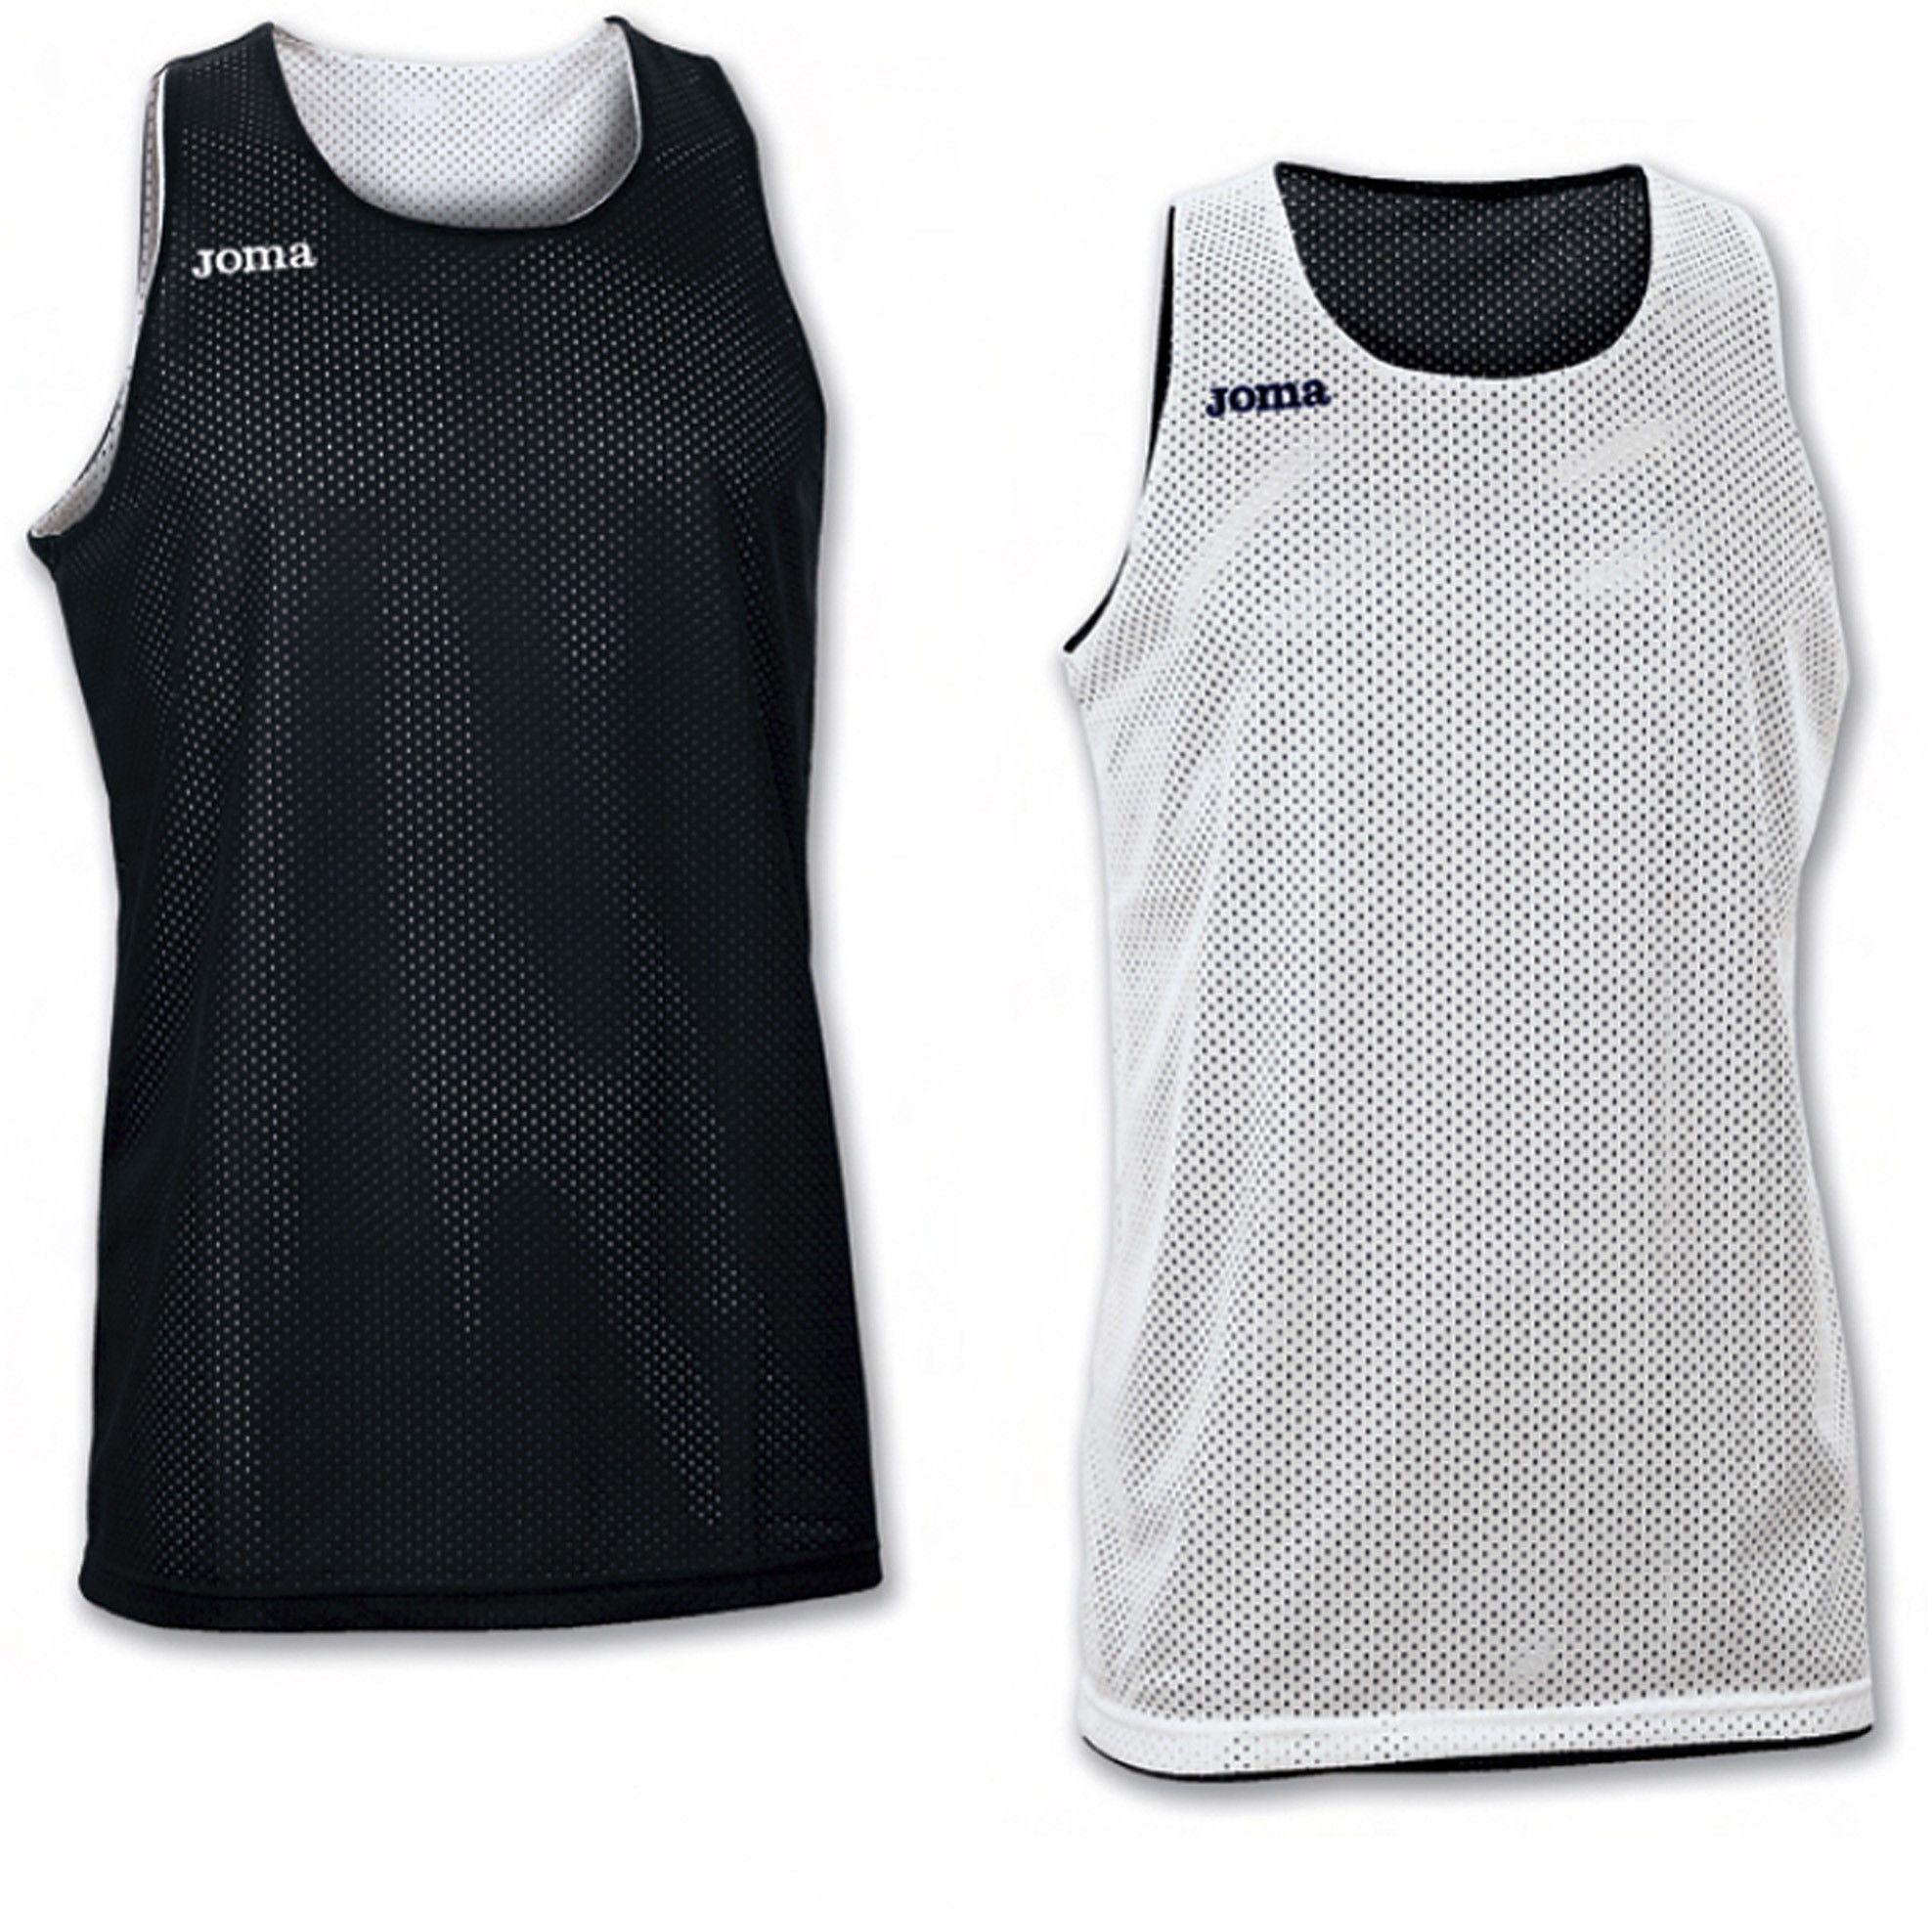 Dwustronna koszulka Joma Reversible Aro white/black (10 szt.)